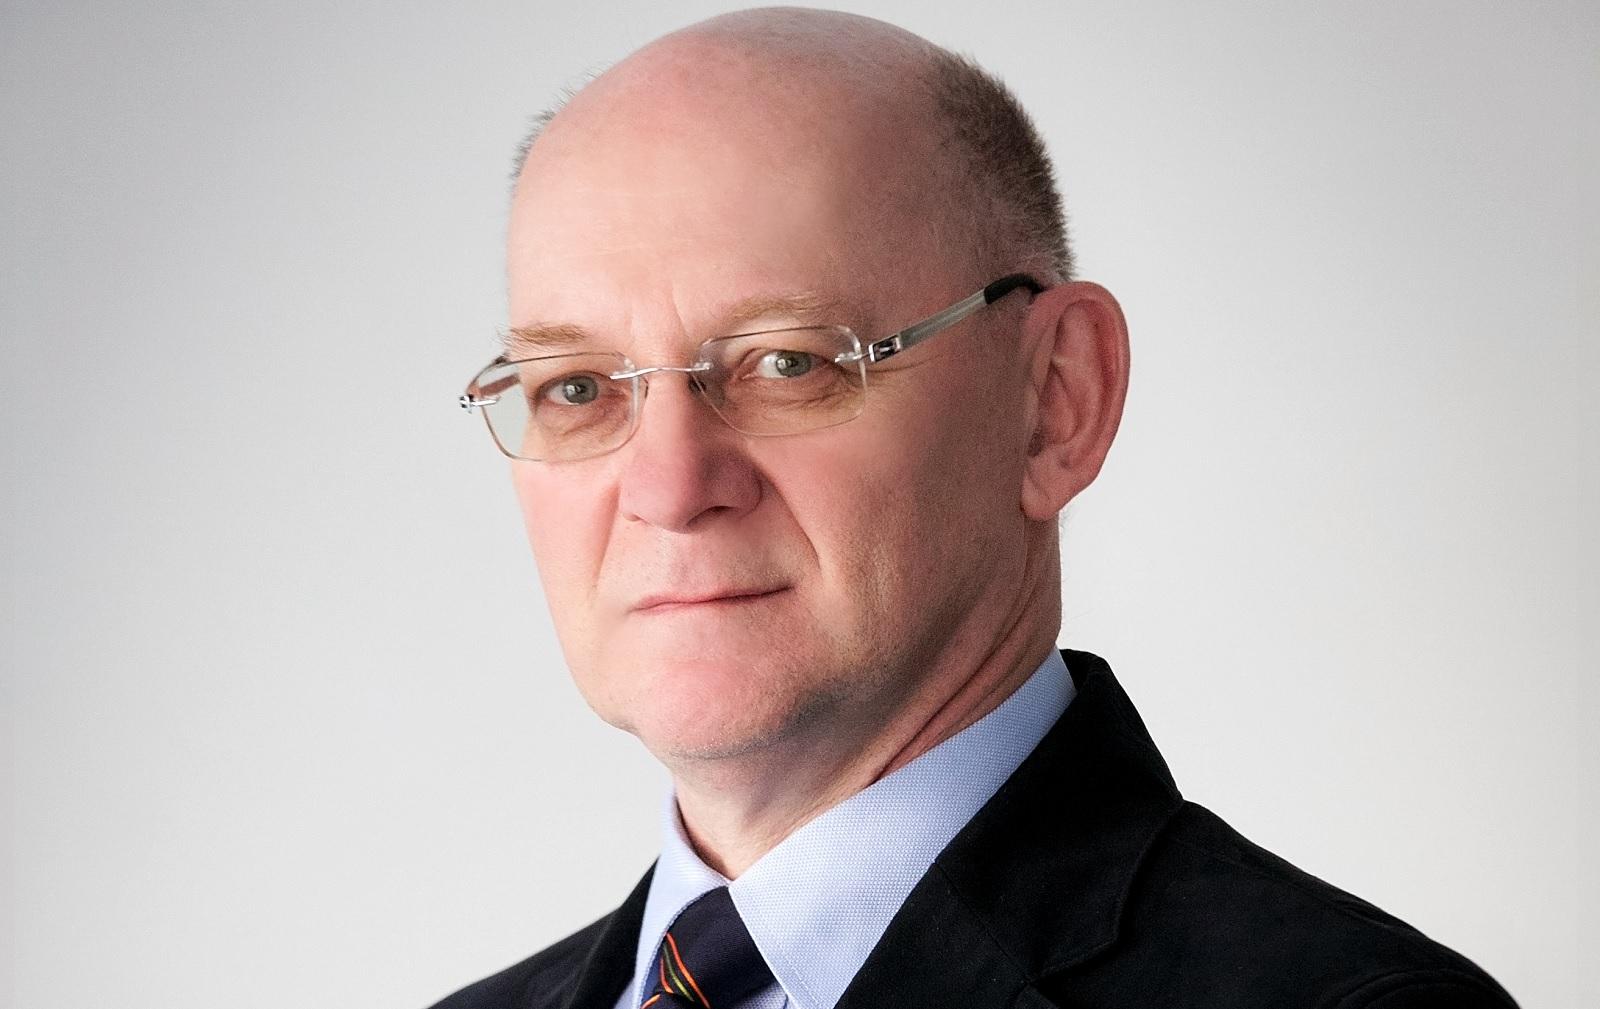 Dr. Varga Tamás nőgyógyász kaposvári magánrendelése